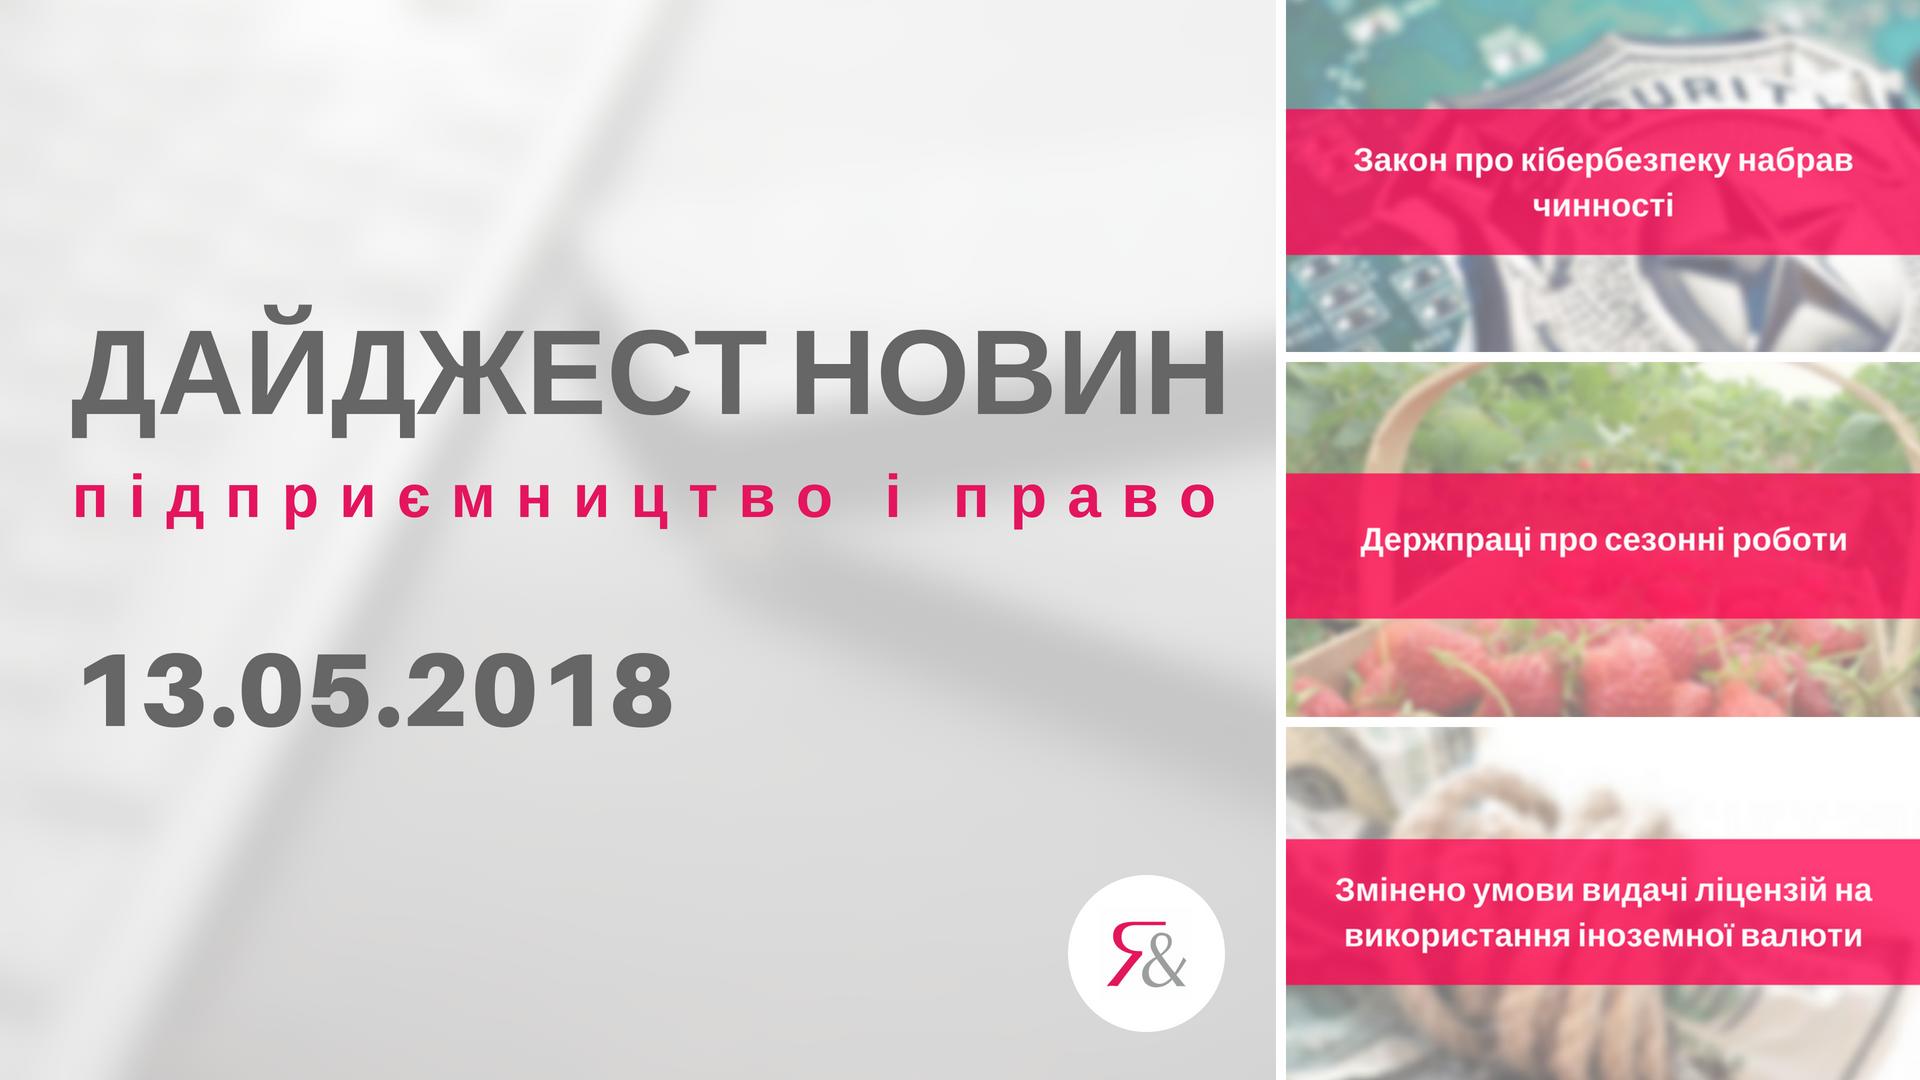 Дайджест нoвин «Підприємництво і право» з 07.05.2018 пo 13.05.2018